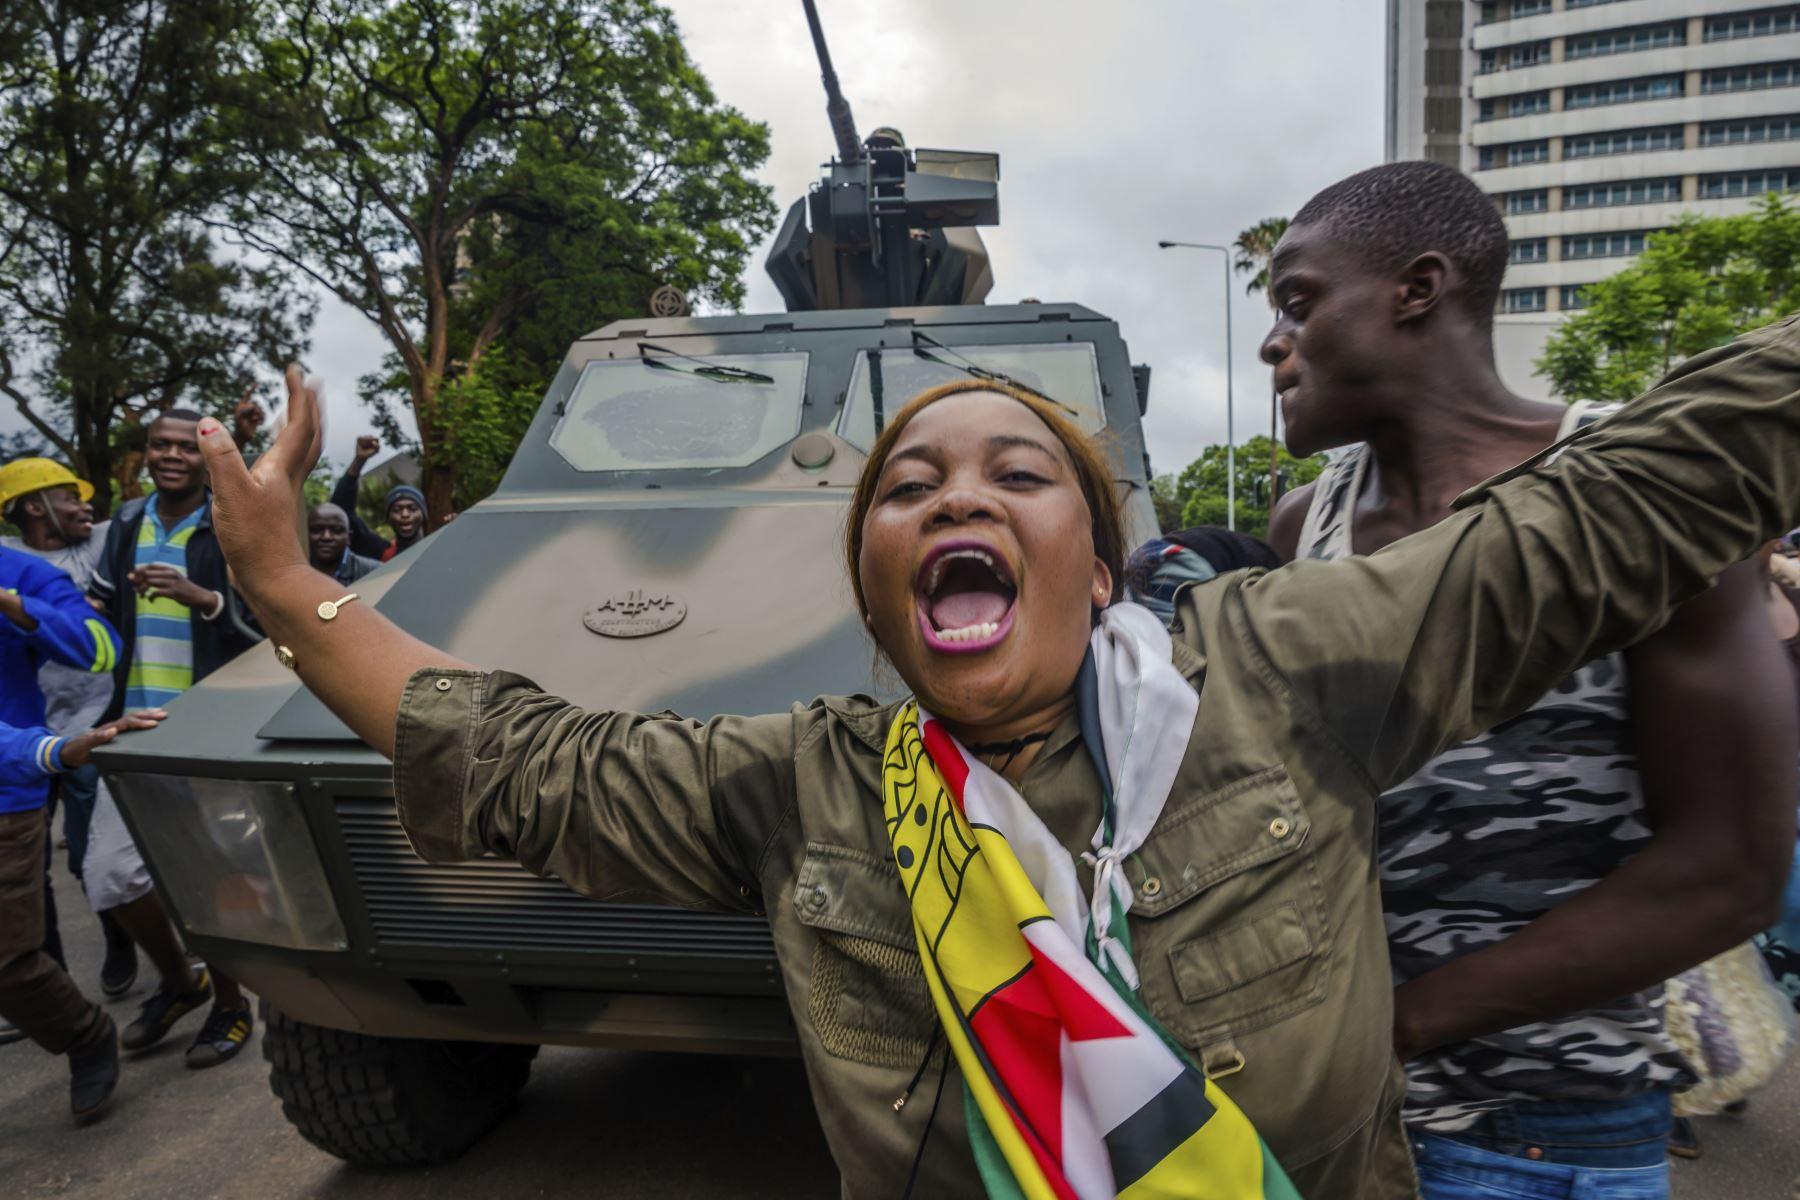 Manifestaciones que exigen la renuncia del presidente de Zimbabue. Foto: AFP